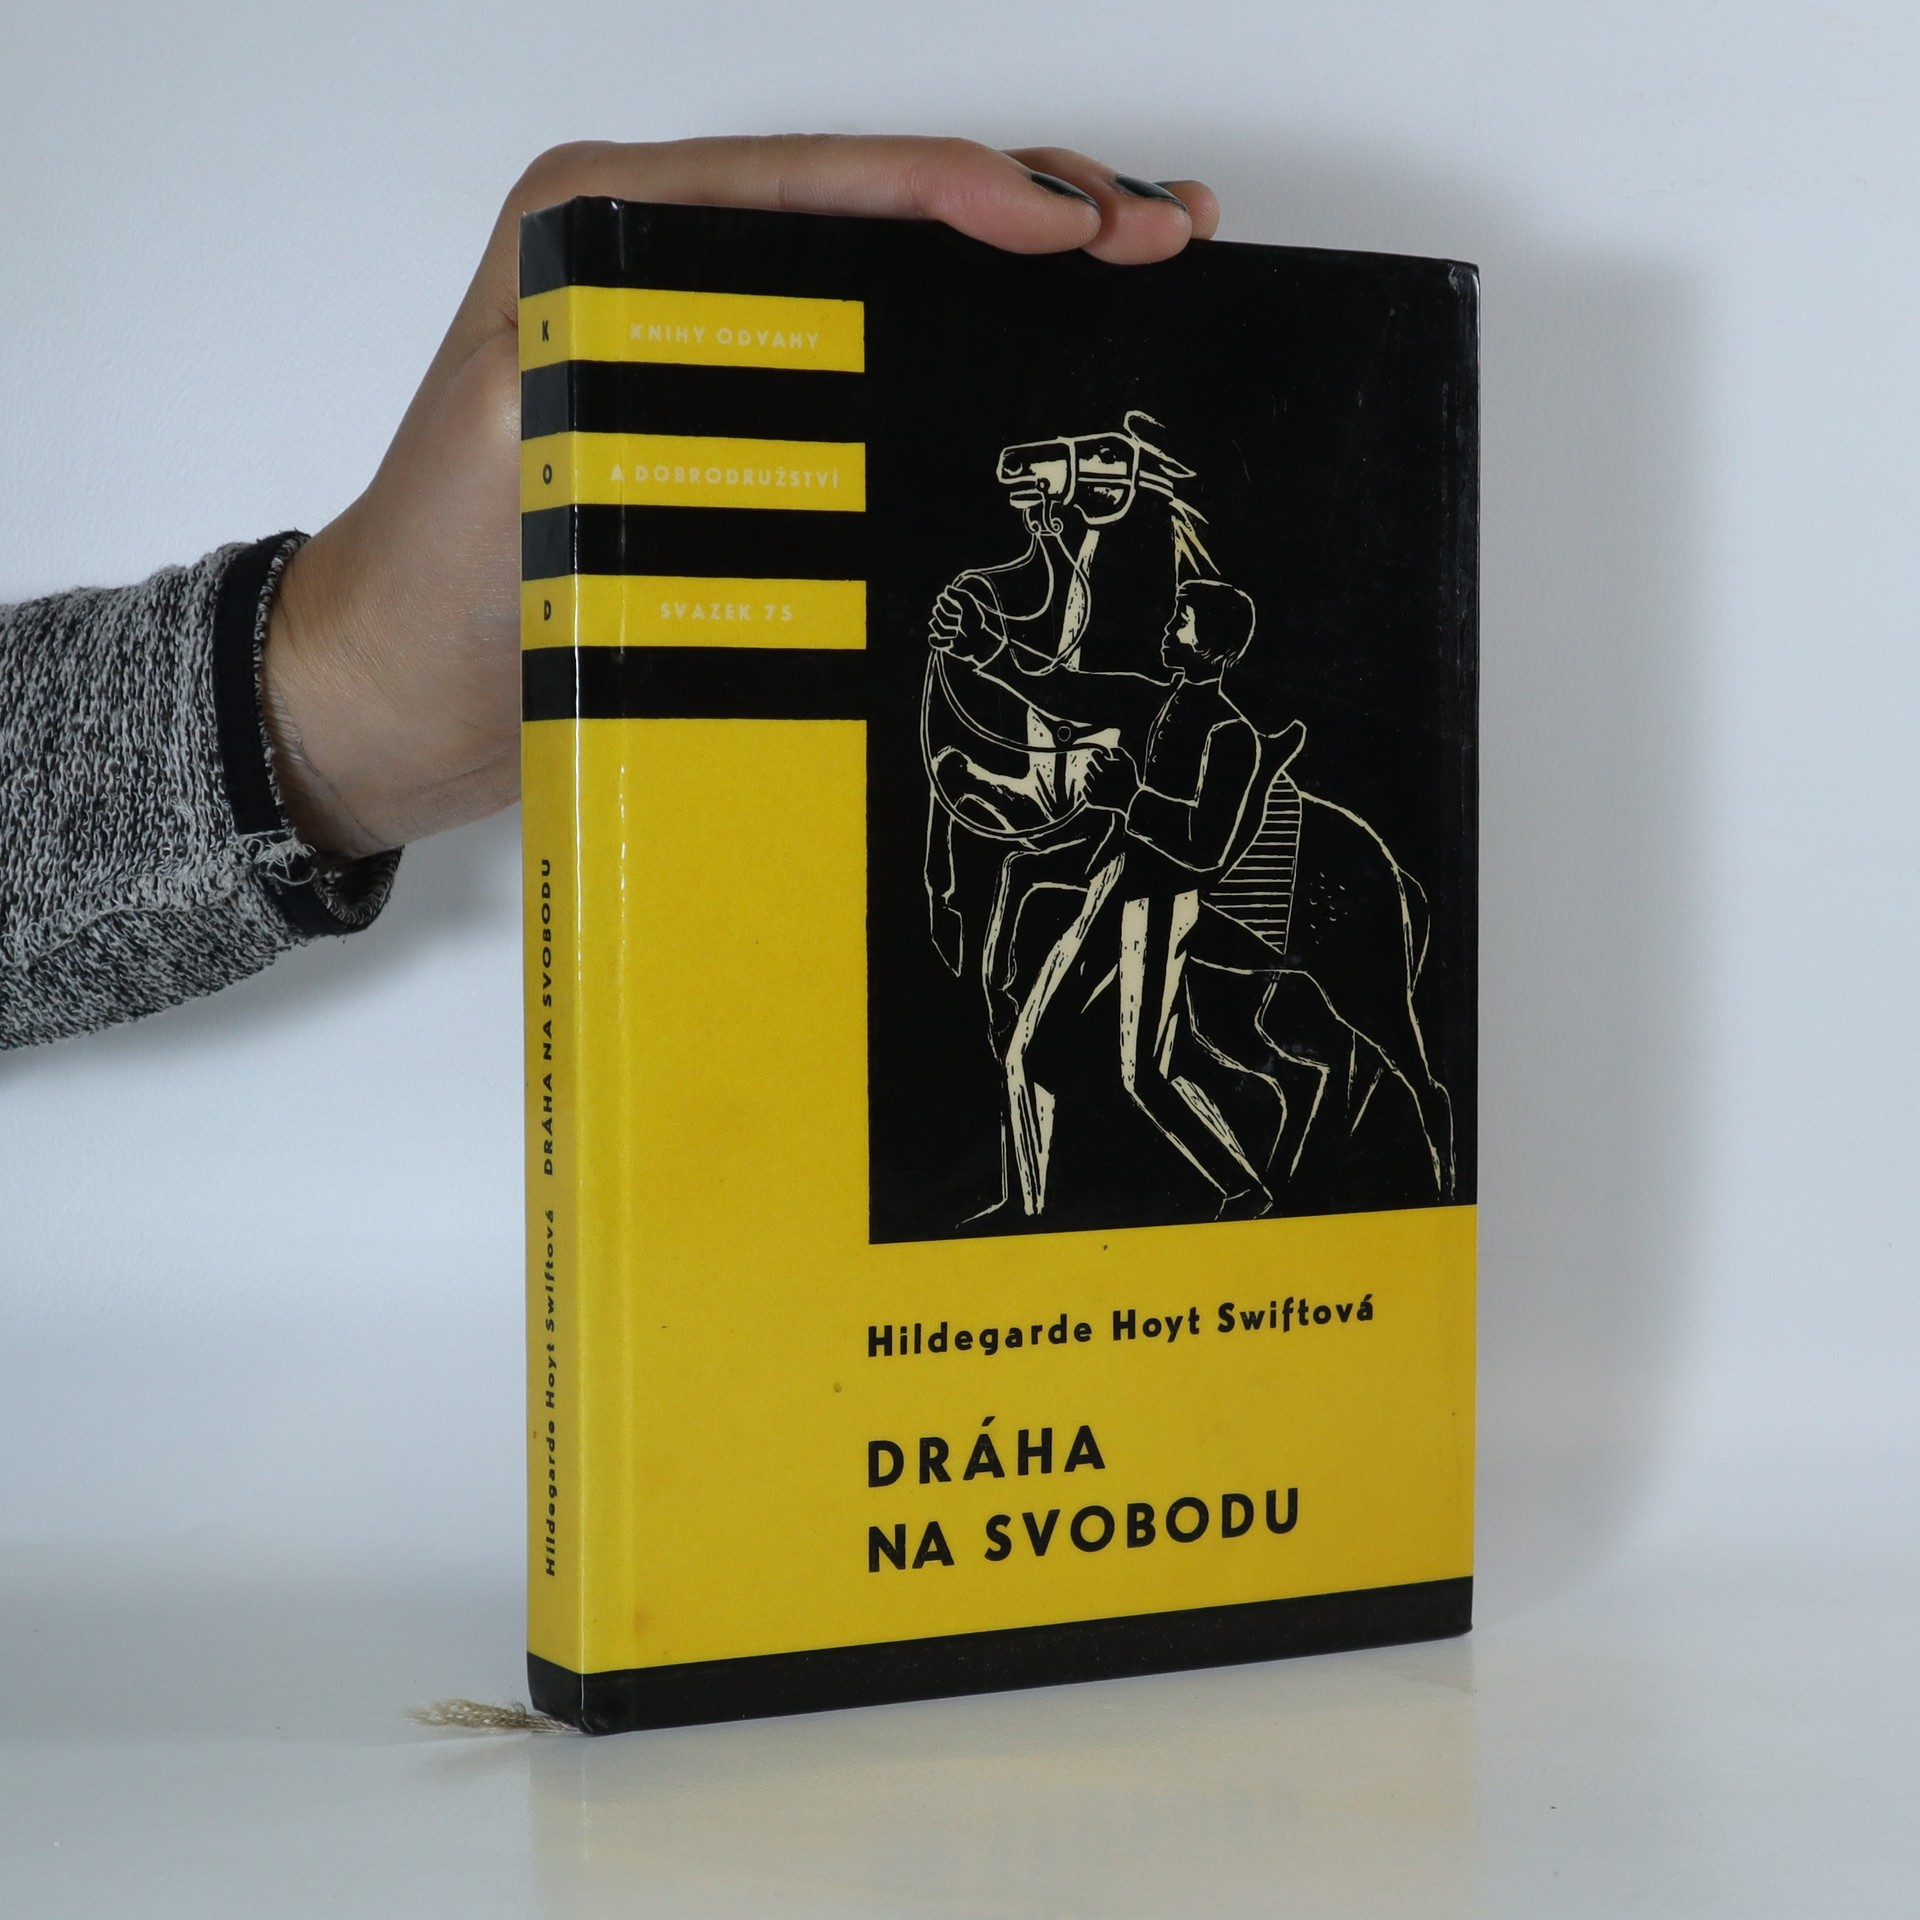 antikvární kniha Dráha na svobodu, 1964